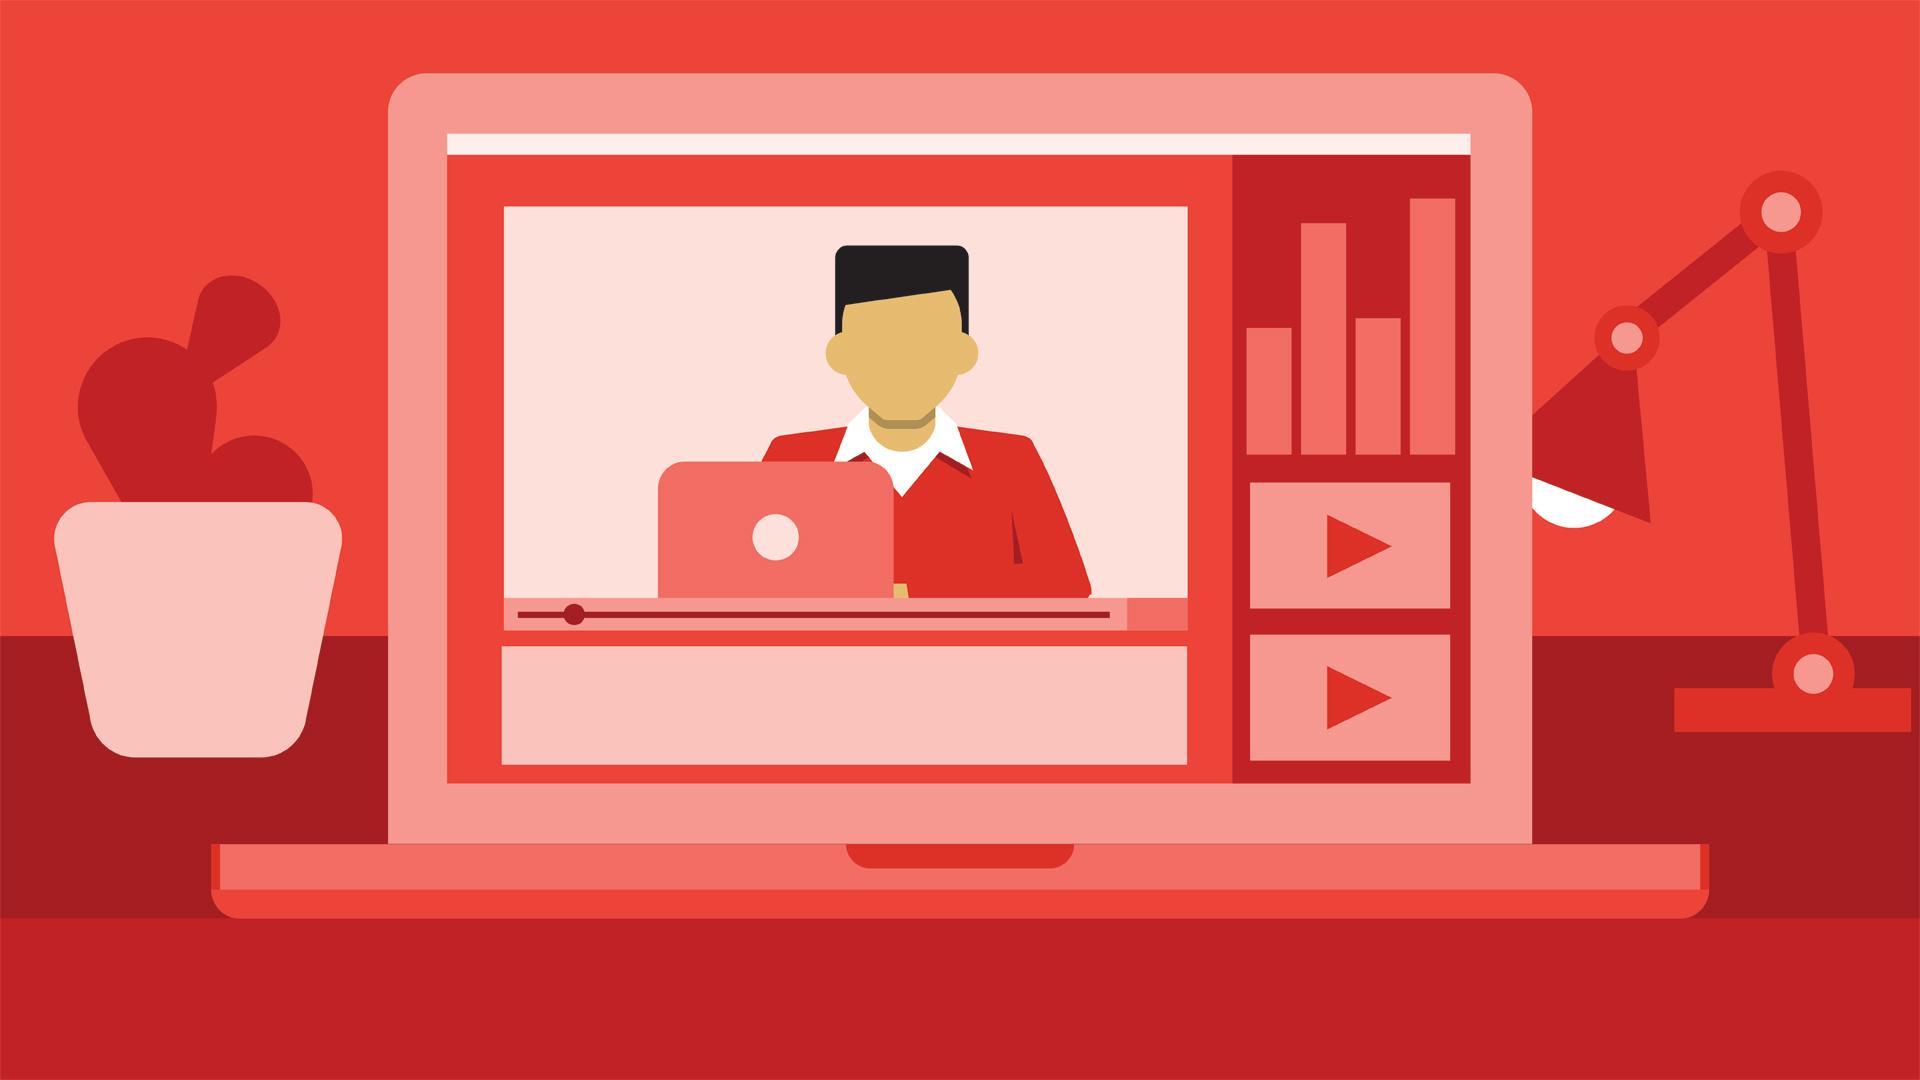 Youtube'da Bunu Yapanlar Dikkat! Şartlarda Değişiklik Yapıldı